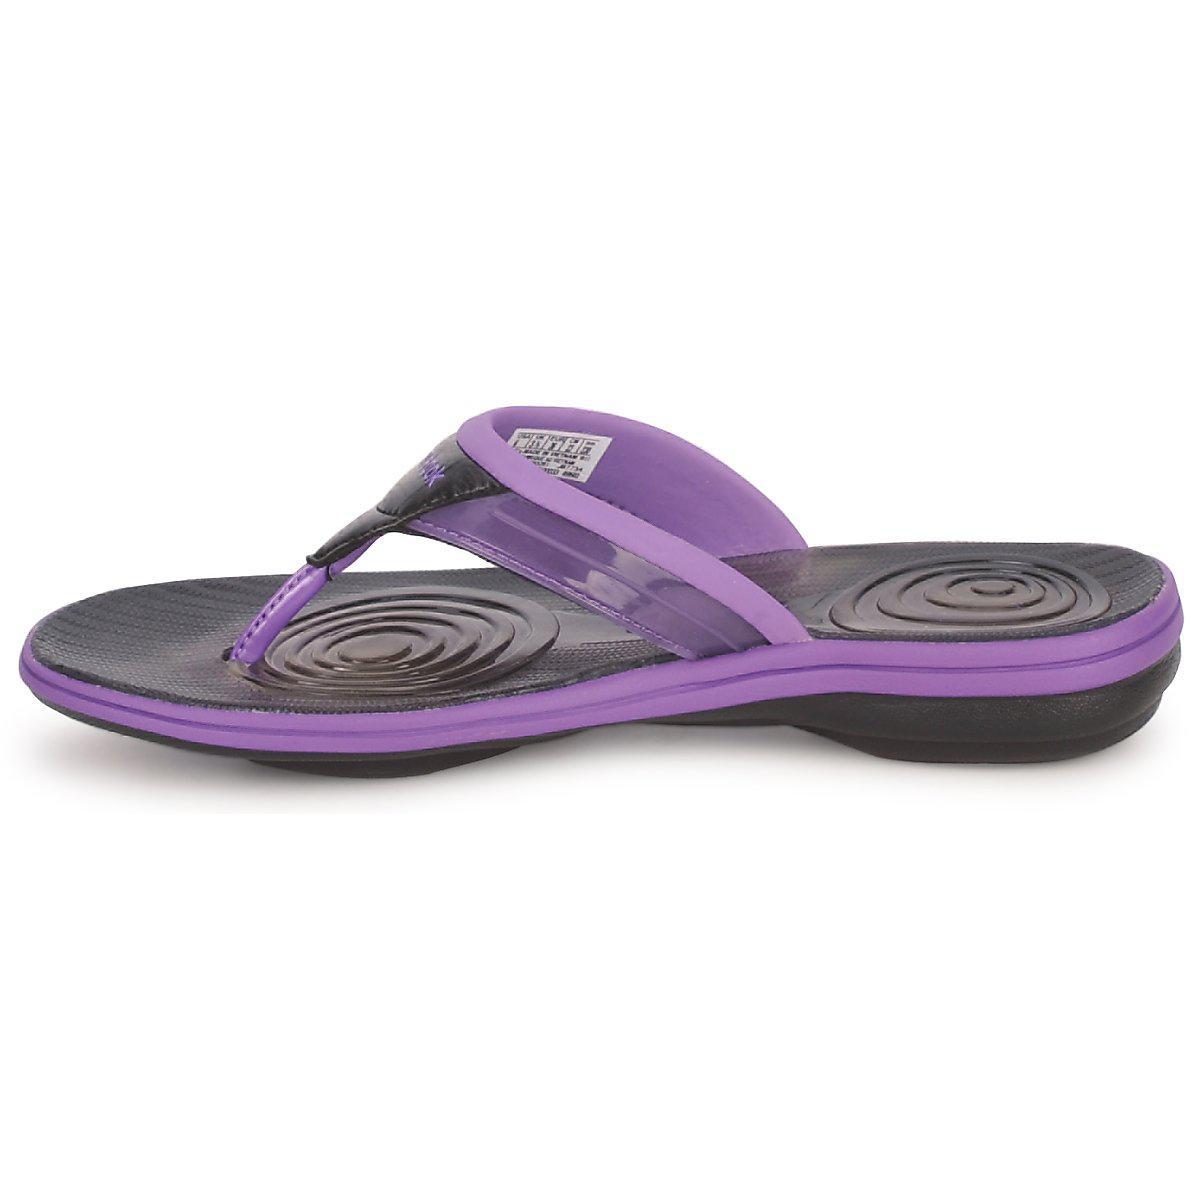 77302204b8df5c Reebok - Easytone Plus Flip Women s Flip Flops   Sandals (shoes) In Purple  -. View fullscreen